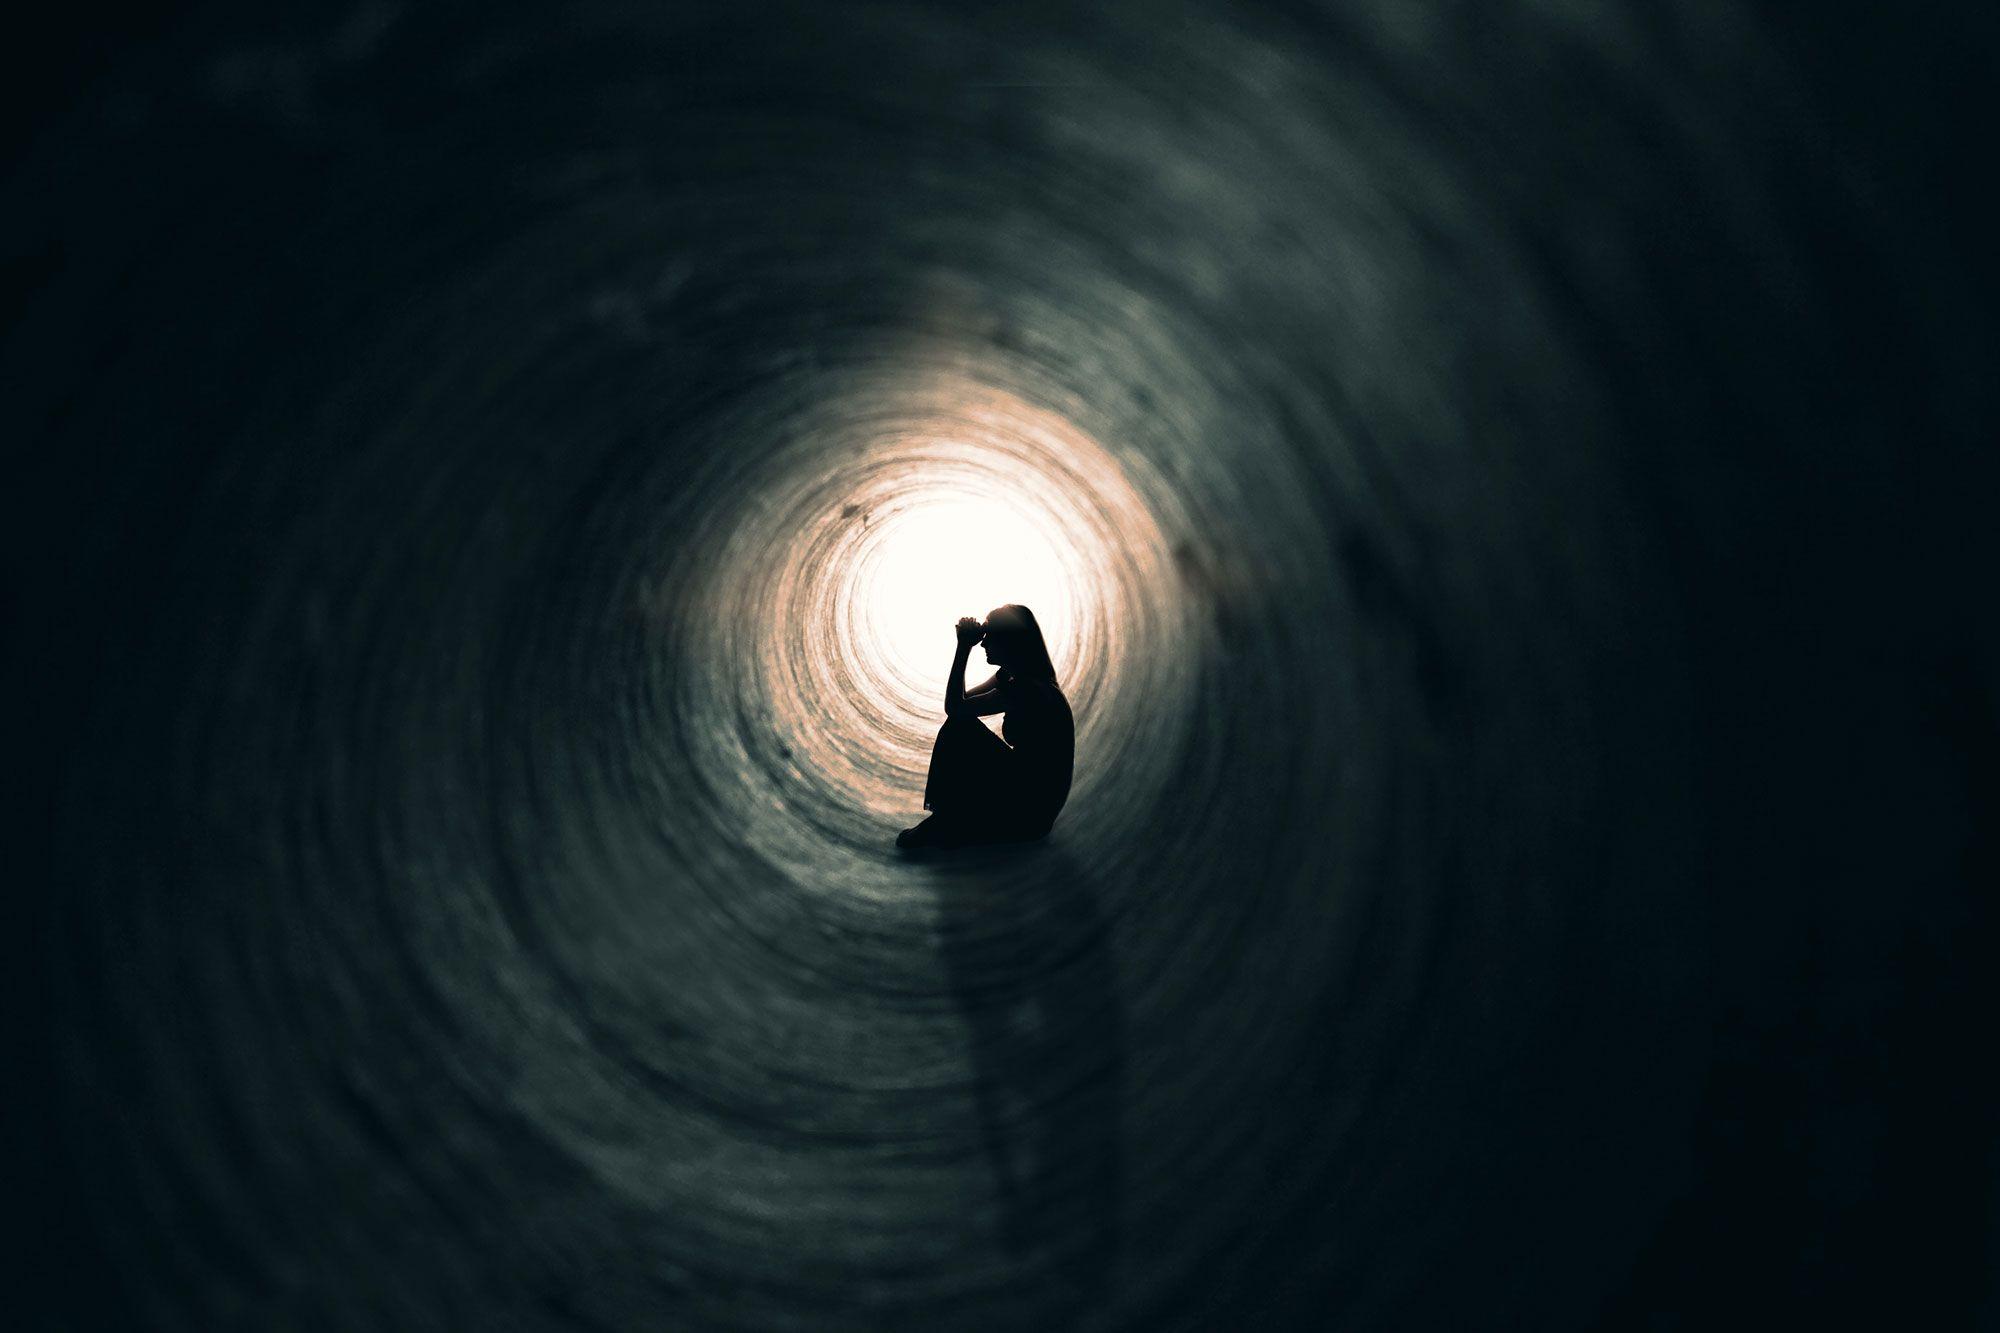 túnel depresión